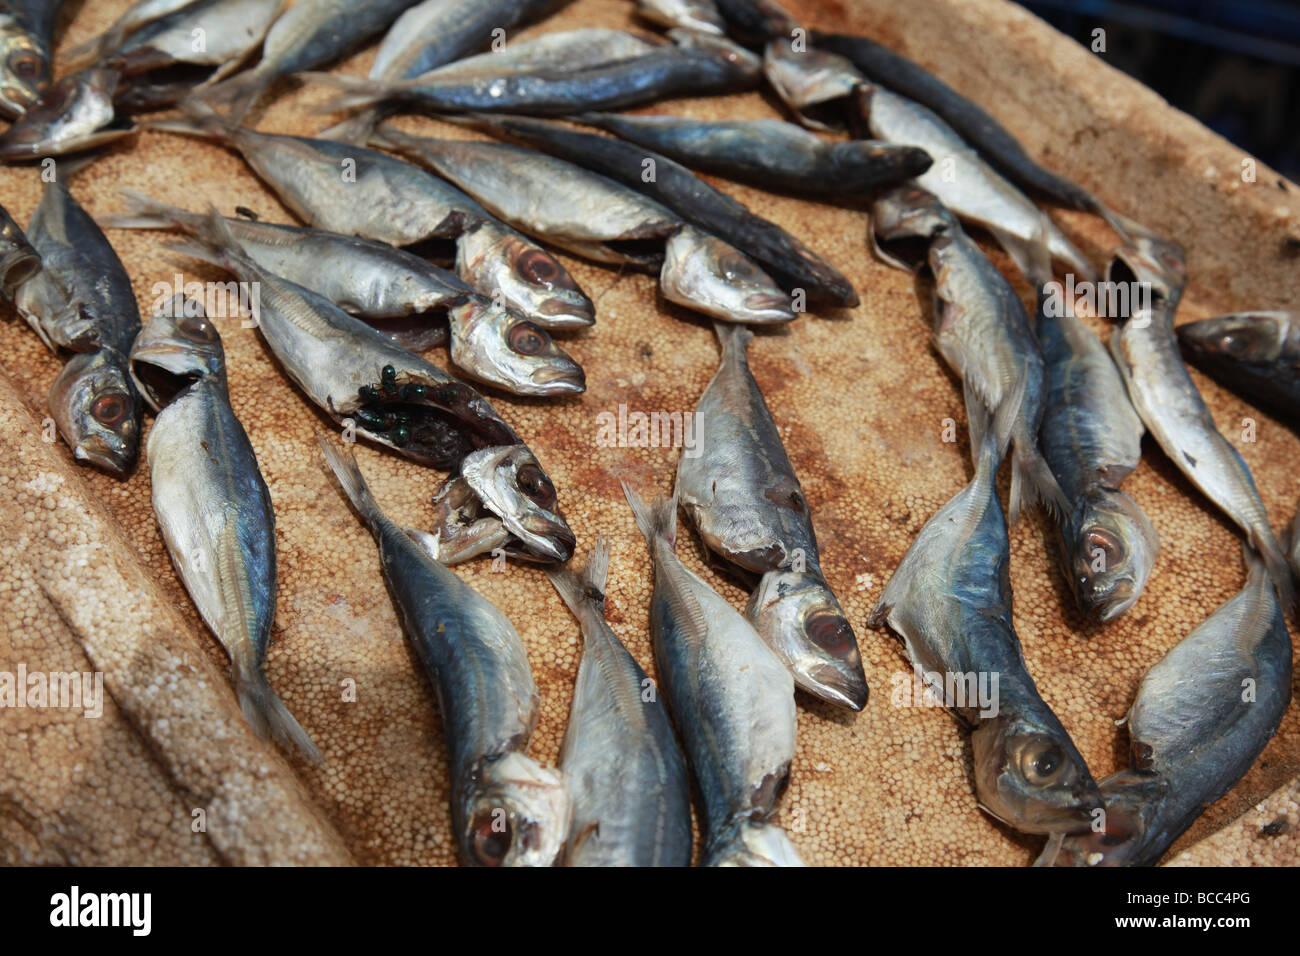 Vente de poissons sur le marché dans le Connemara, Trivandrum, Kerala, Inde Banque D'Images